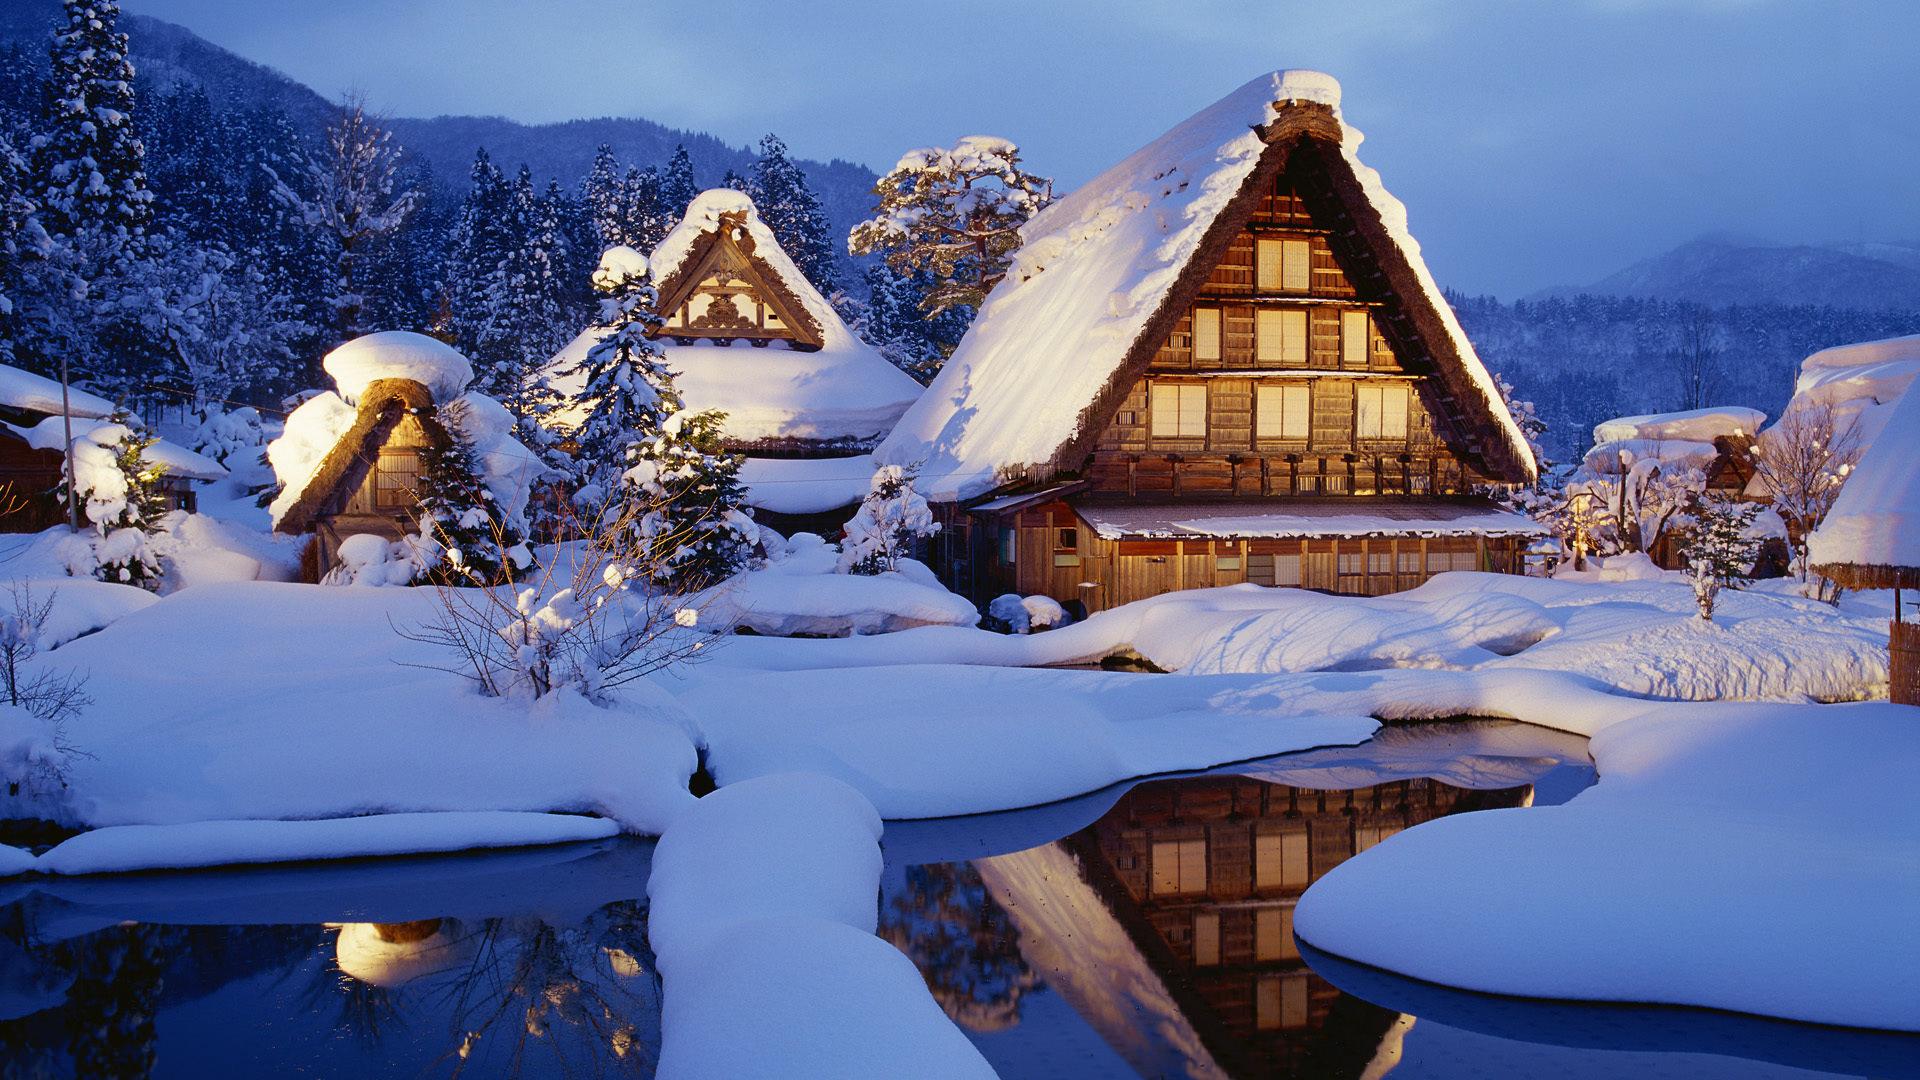 Домик снег зима без регистрации